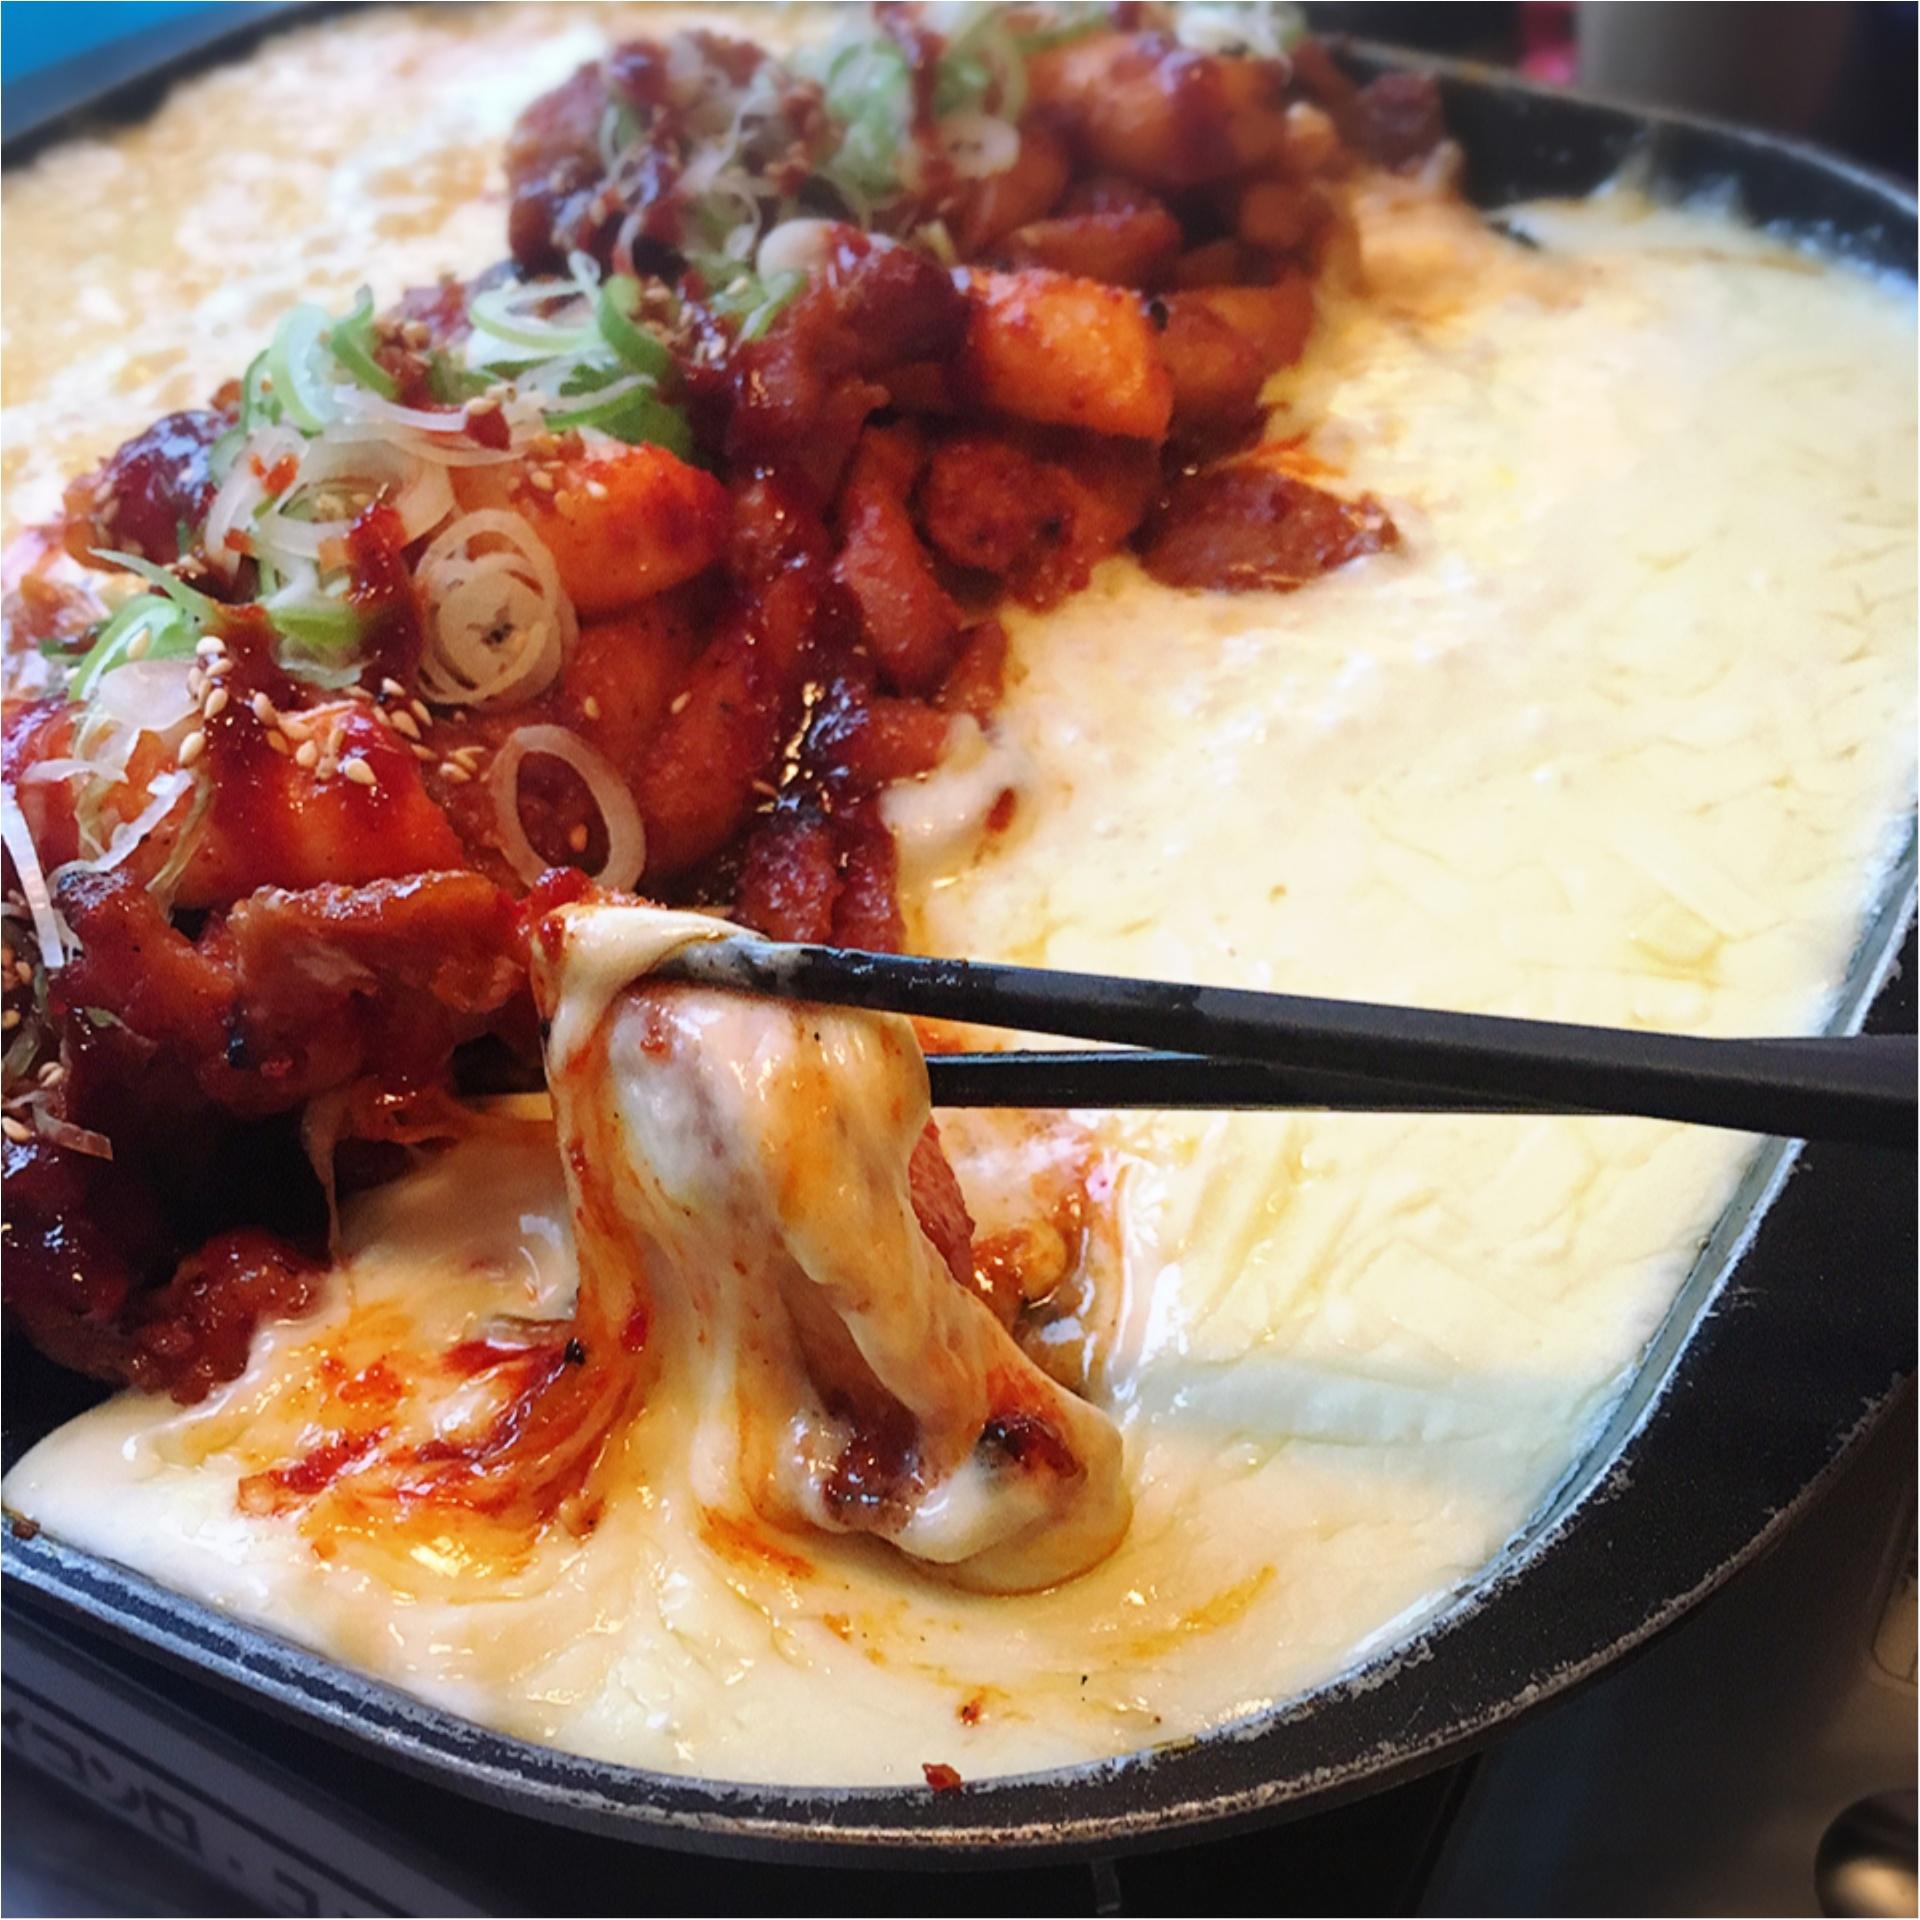 新大久保で話題沸騰!韓国料理の新定番チーズタッカルビ‼︎_2